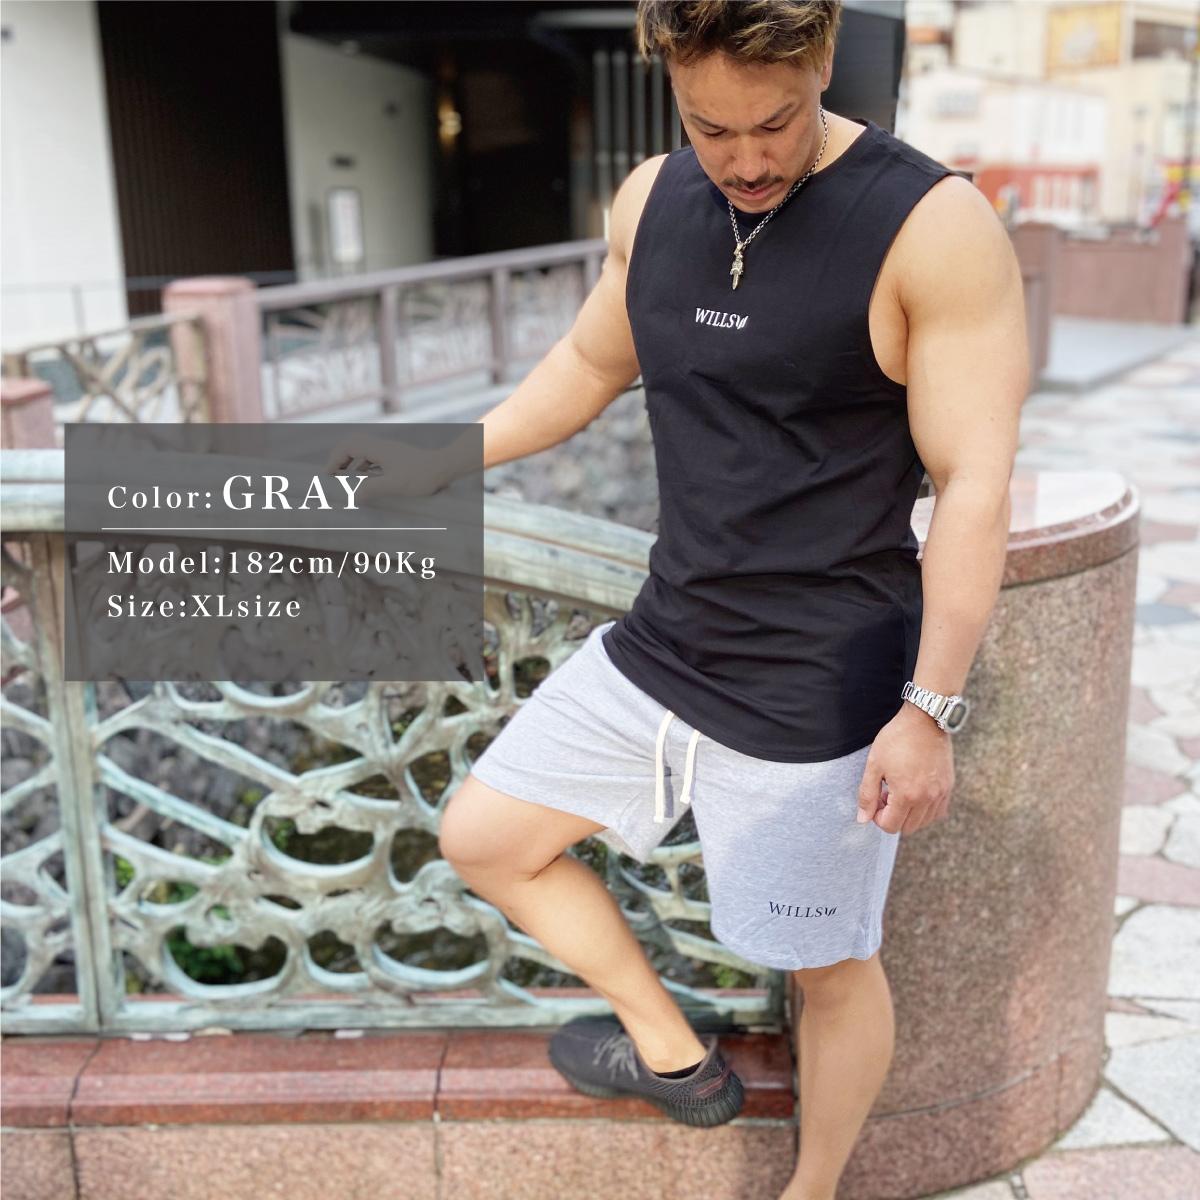 SWEAT SHORTS - GRAY